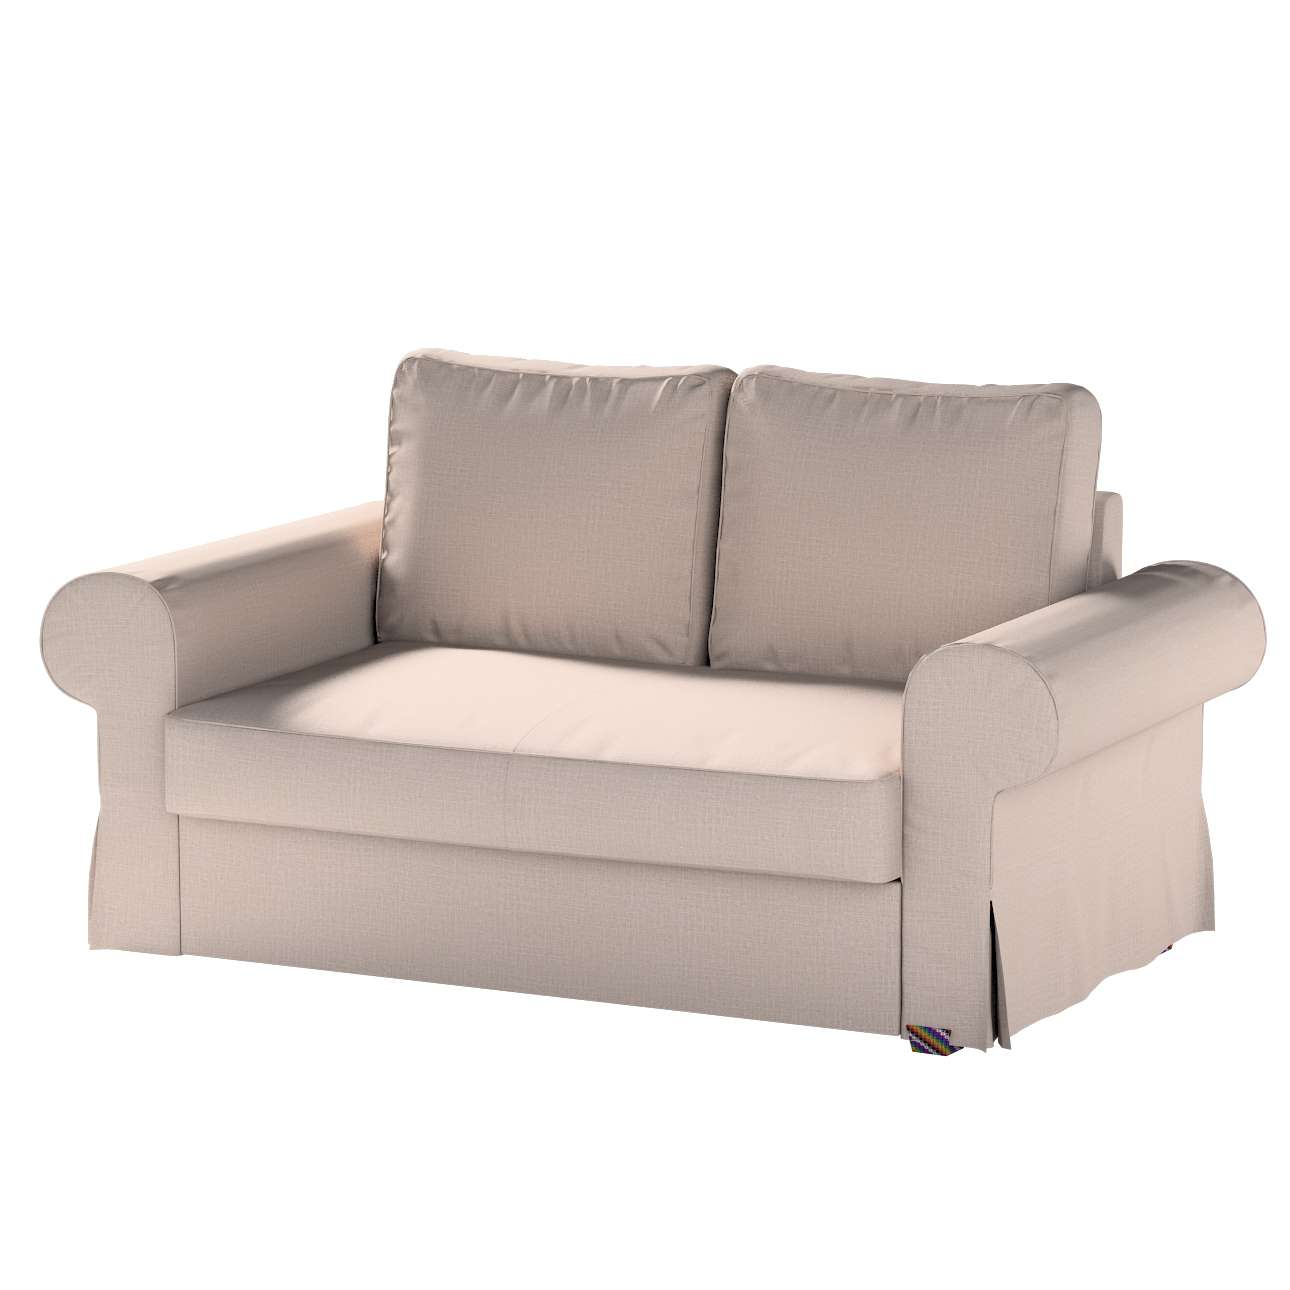 Pokrowiec na sofę Backabro 2-osobową rozkładaną w kolekcji Living, tkanina: 160-85